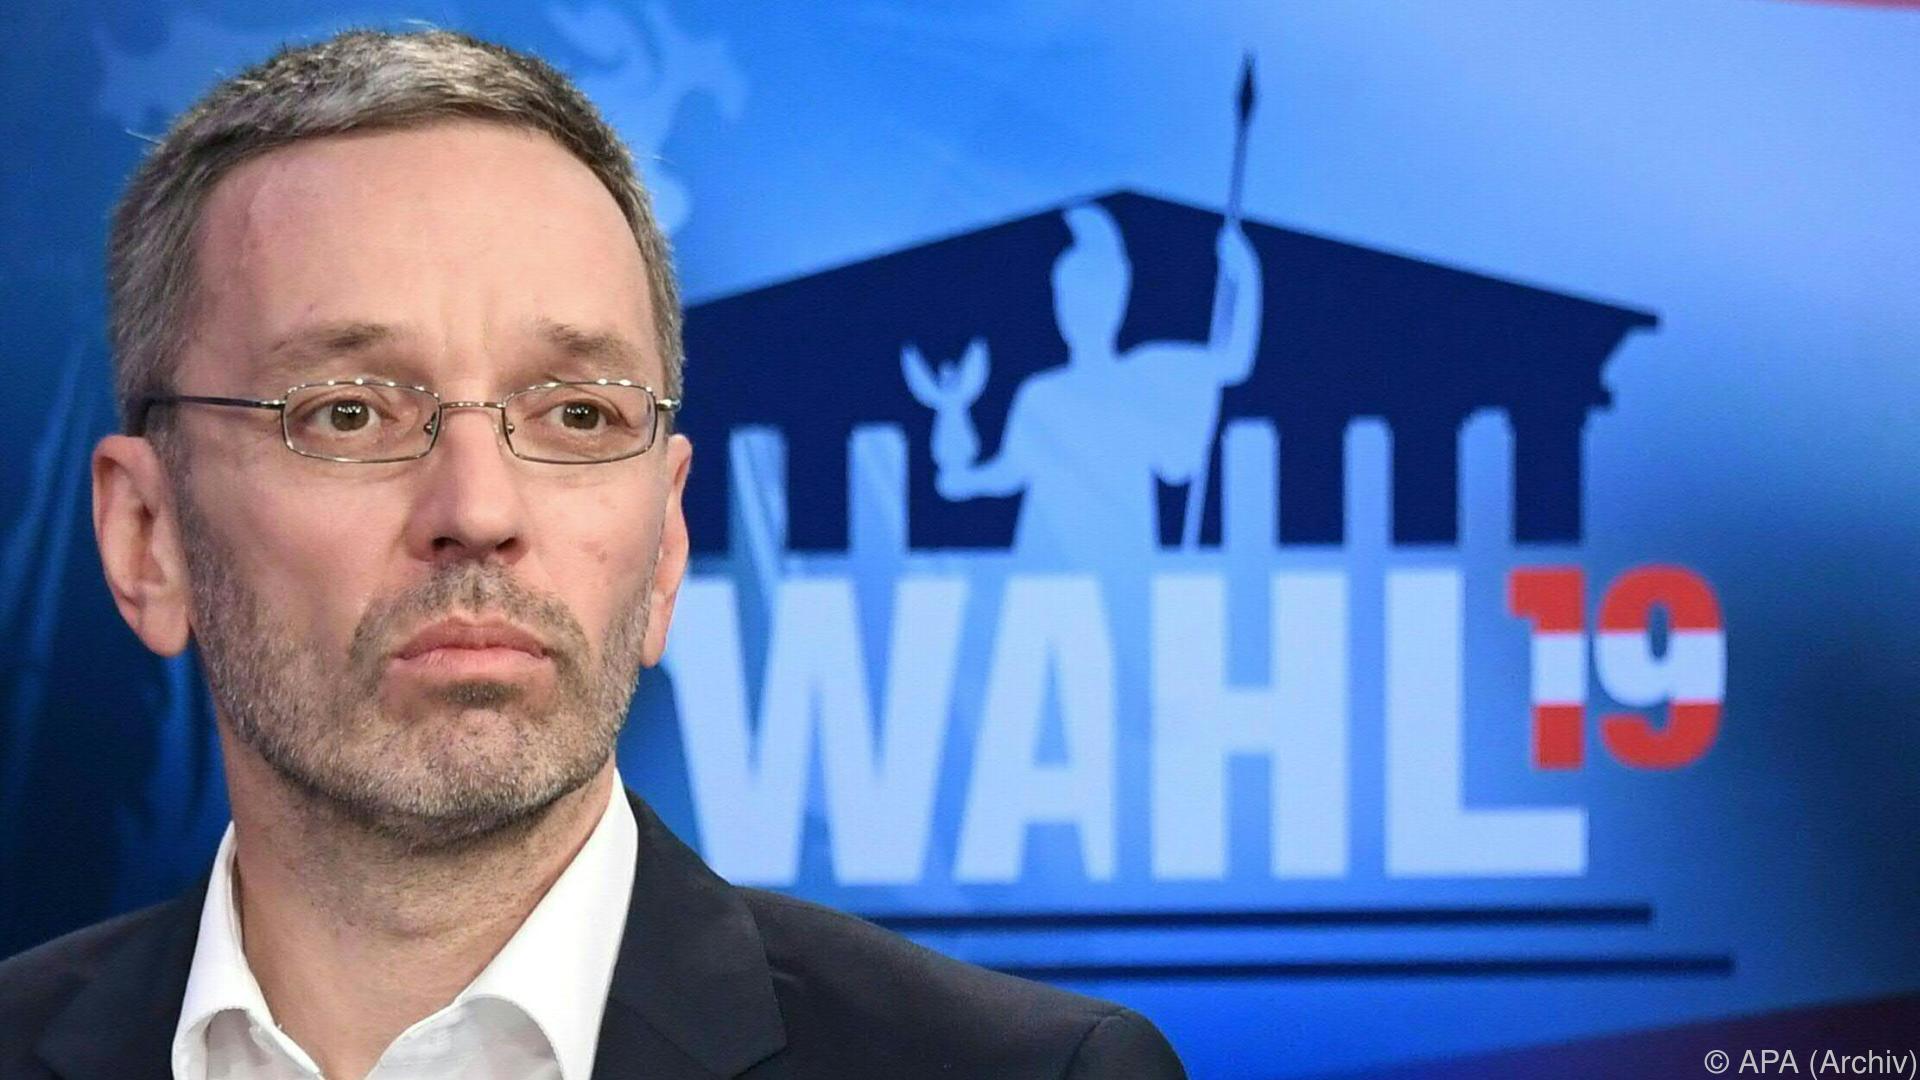 Kickl reklamiert bei Koalition Innenressort für FPÖ